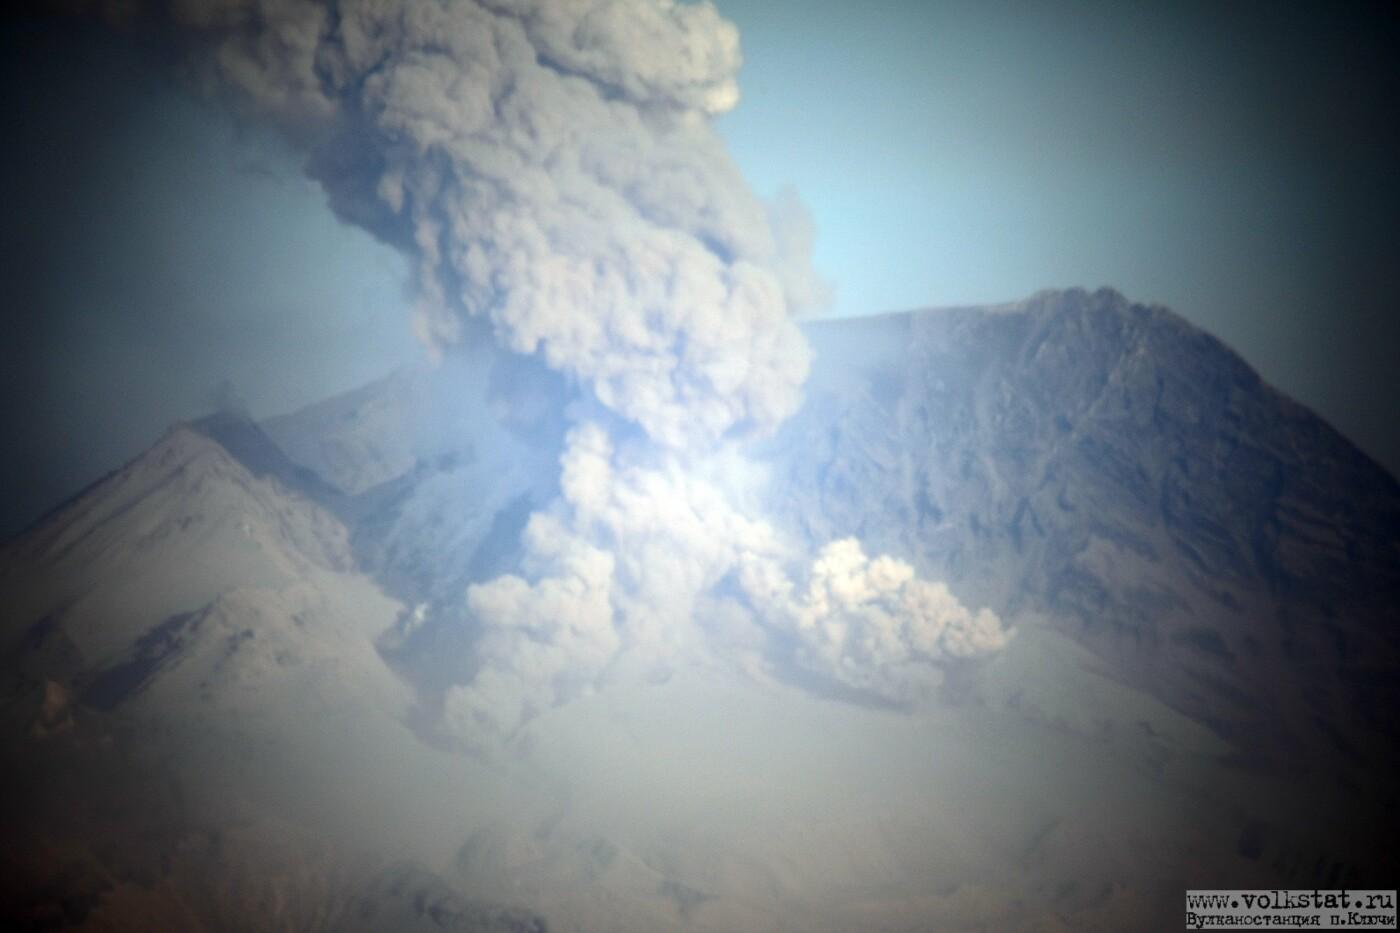 Сильное извержение вулкана может произойти на Камчатке, фото-6